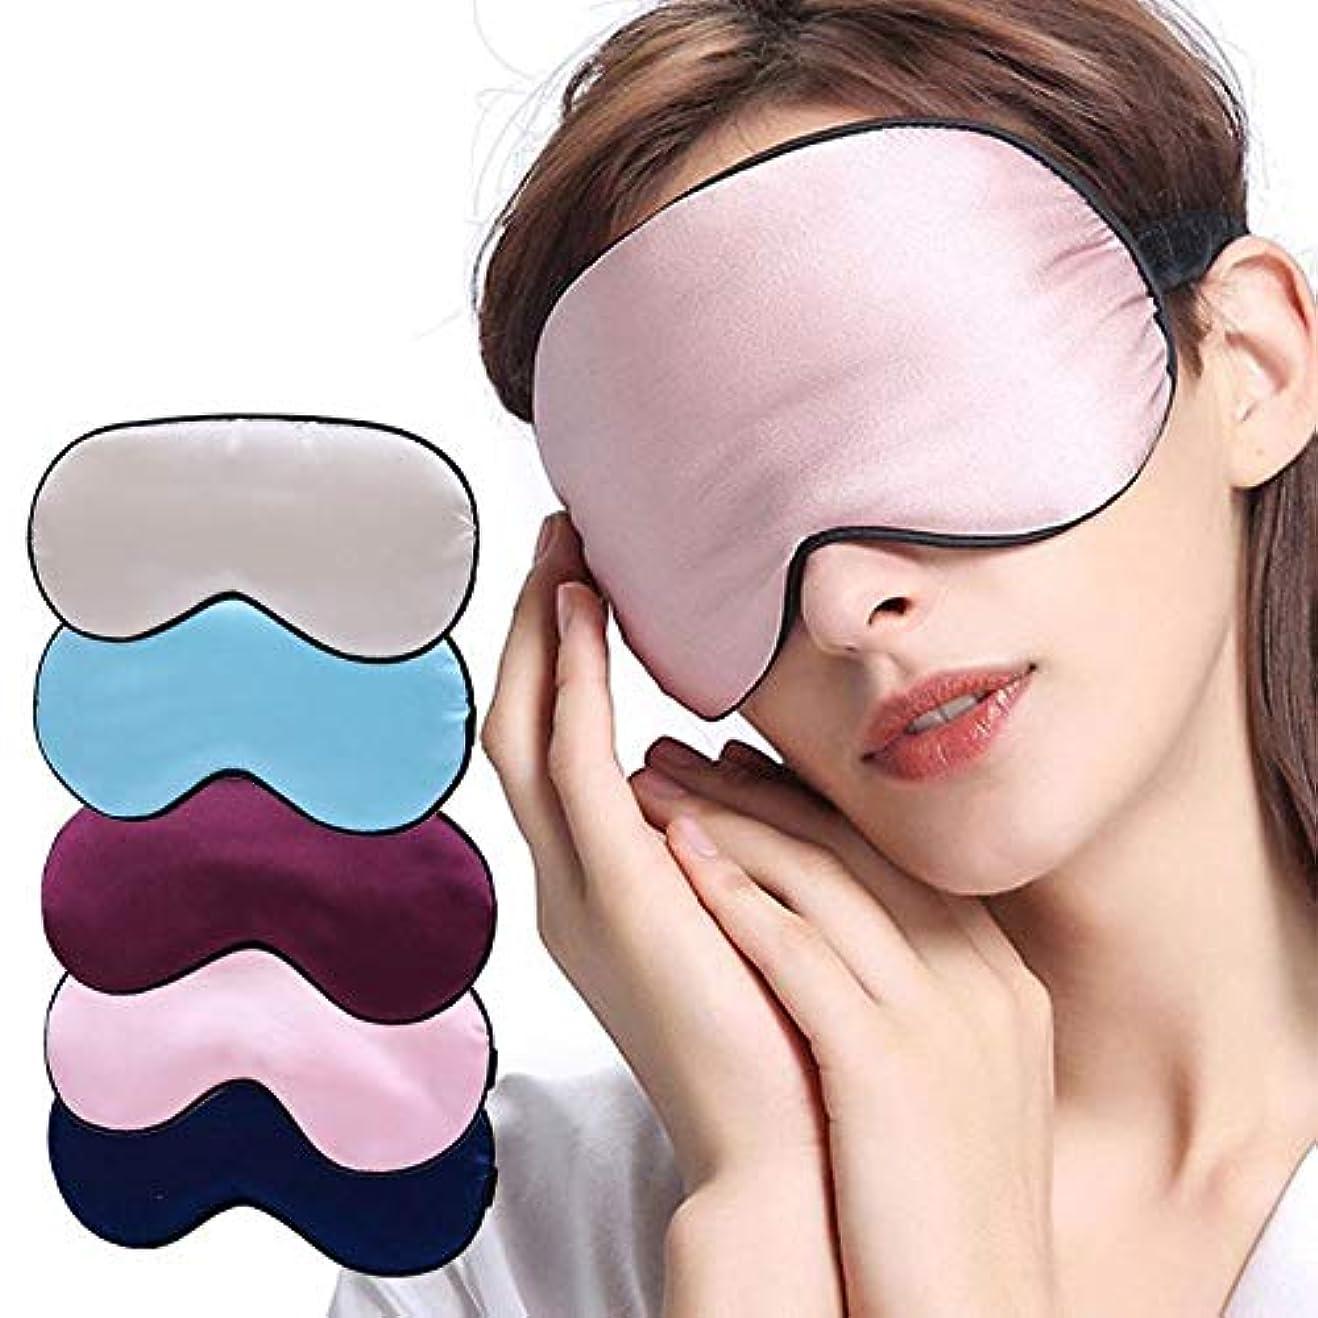 冷酷な地味な襲撃注意シルクアイマスク睡眠用ゴーグル休息リラックス通気性睡眠補助目隠しアイパッチソフトポータブルスリーピングアイマスクL4